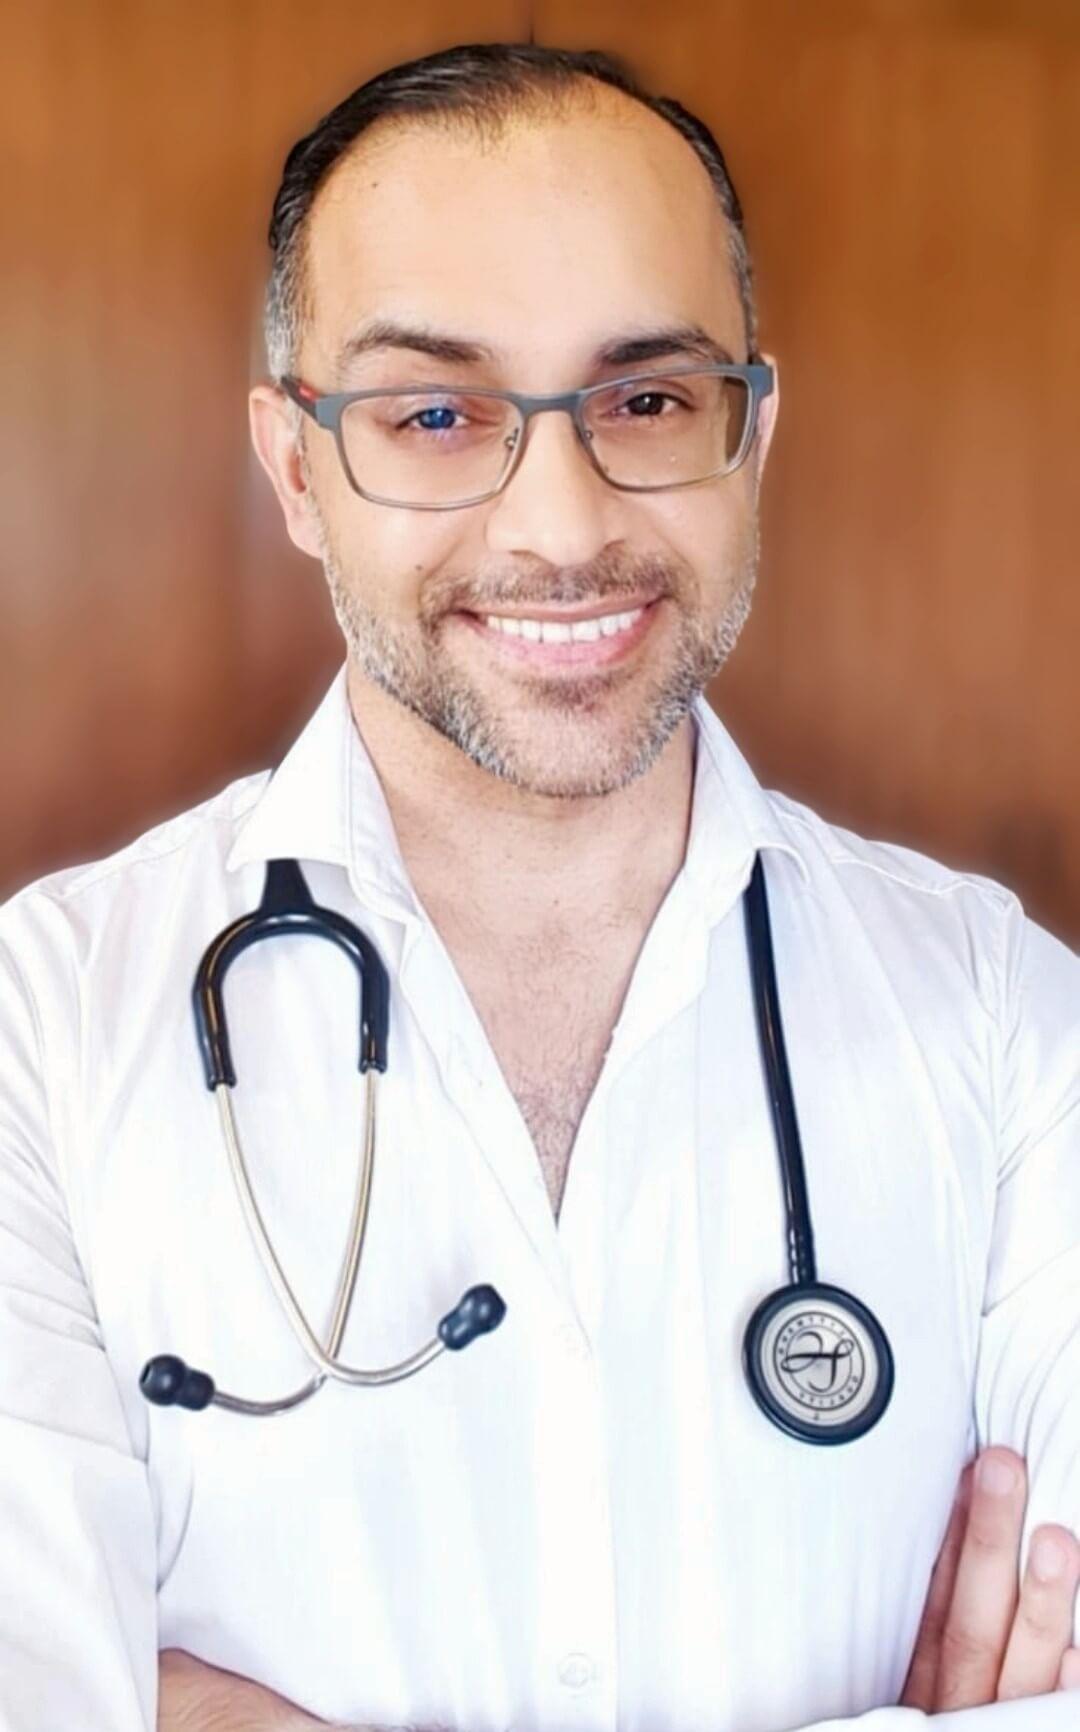 TikTok verified doctor